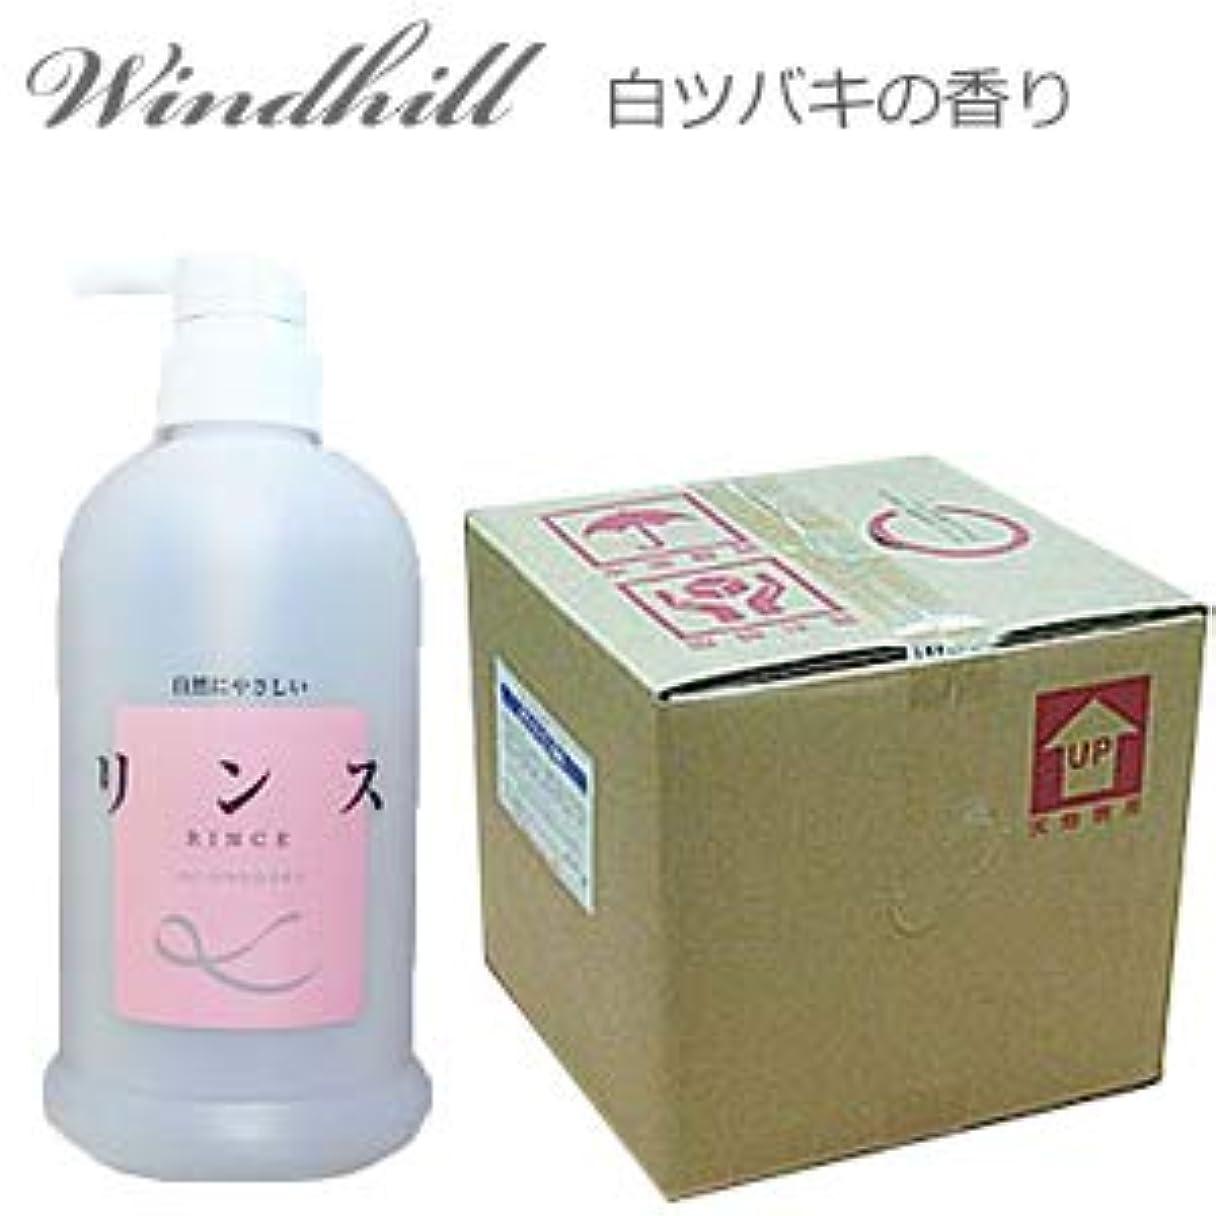 集める着る老朽化したなんと! 500ml当り175円 Windhill 植物性 業務用 リンス 白ツバキの香り 20L